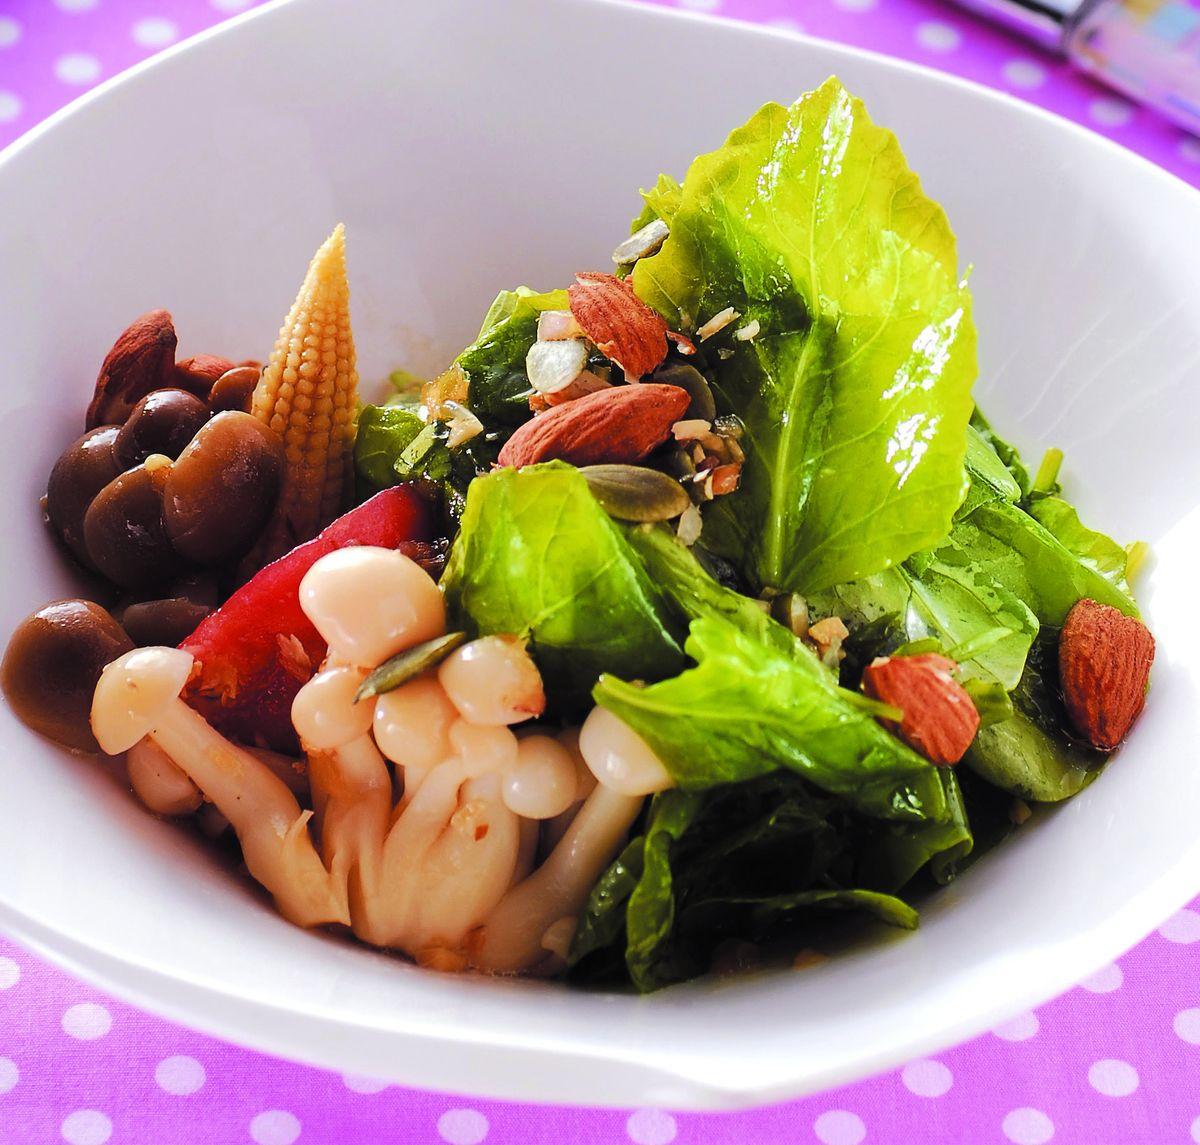 食譜:堅果嫩芥藍沙拉